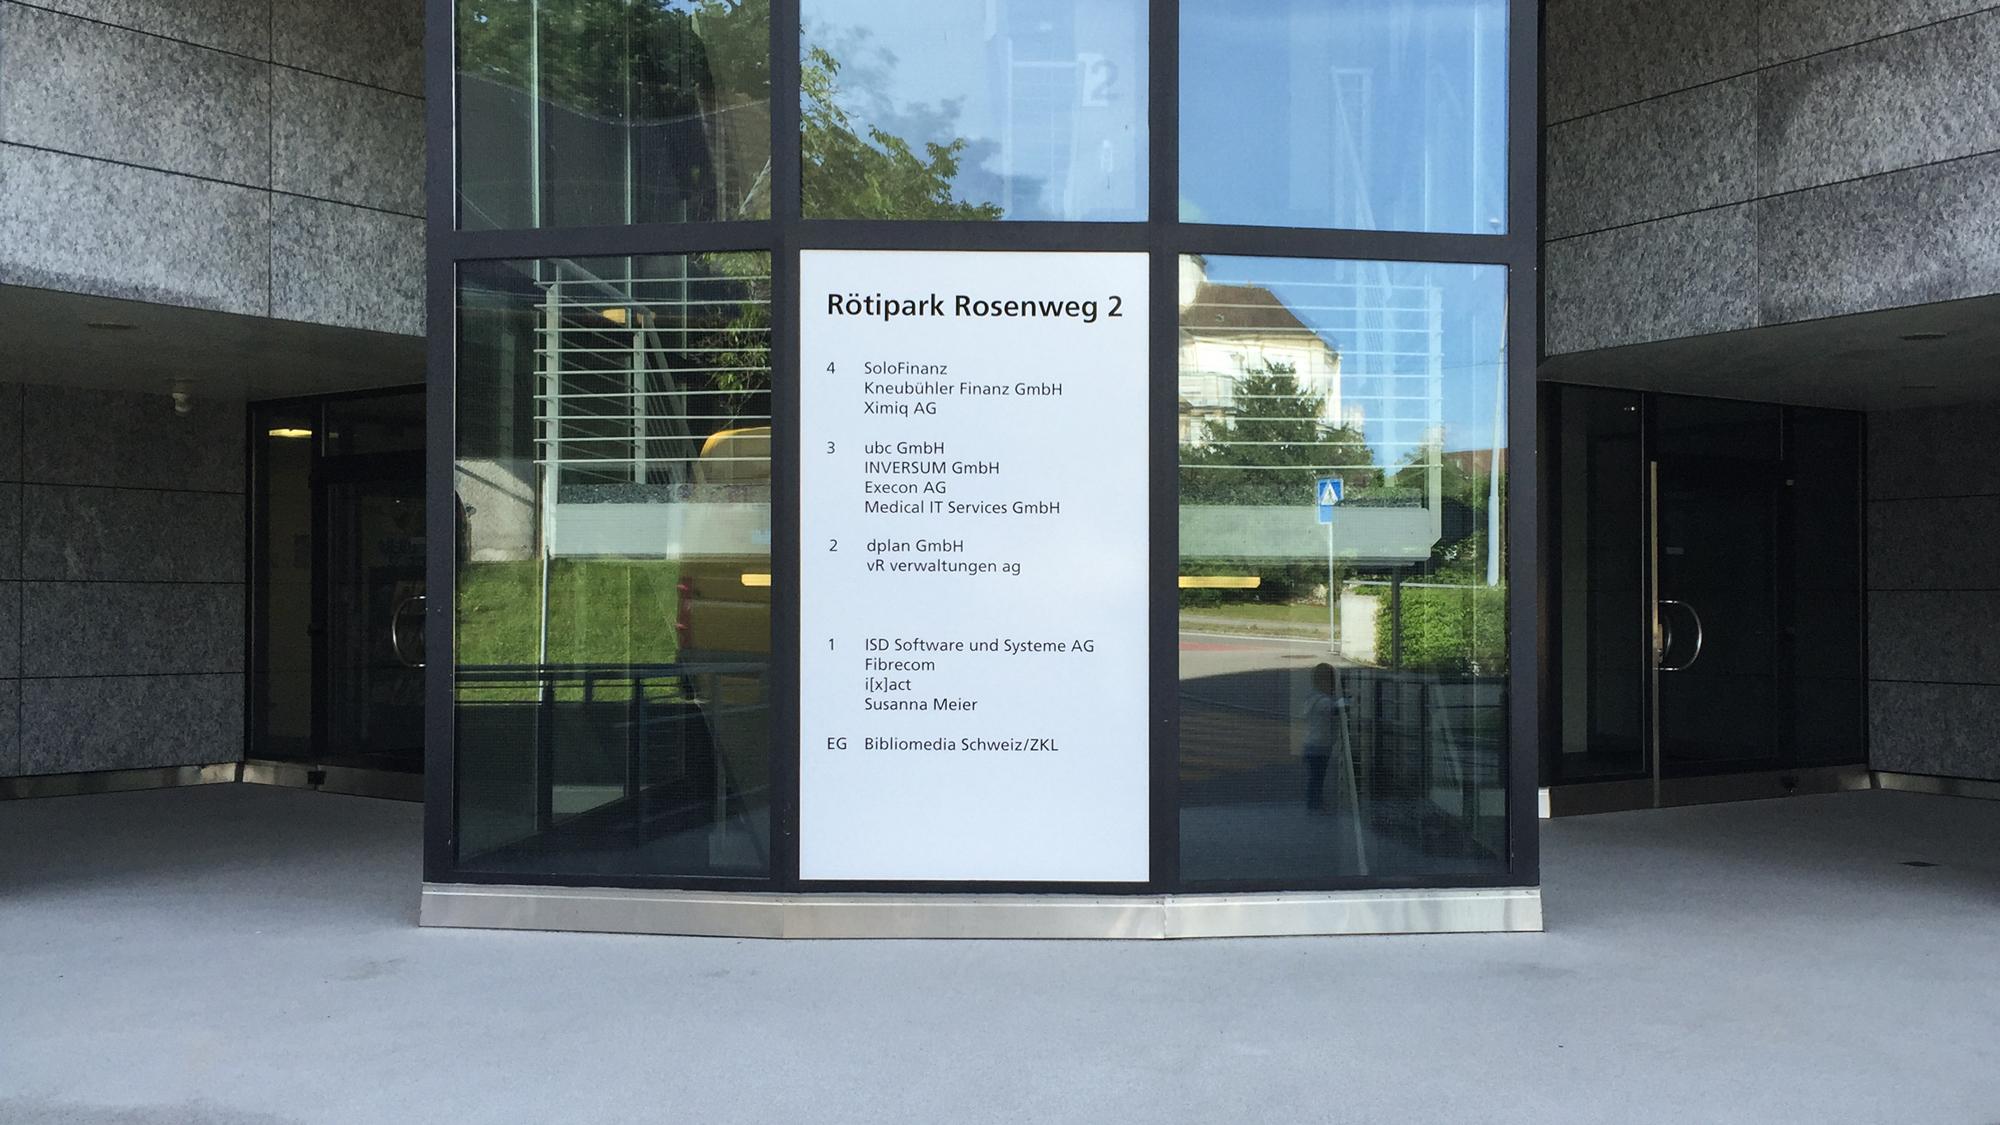 Copy of Beschriftung auf Glas